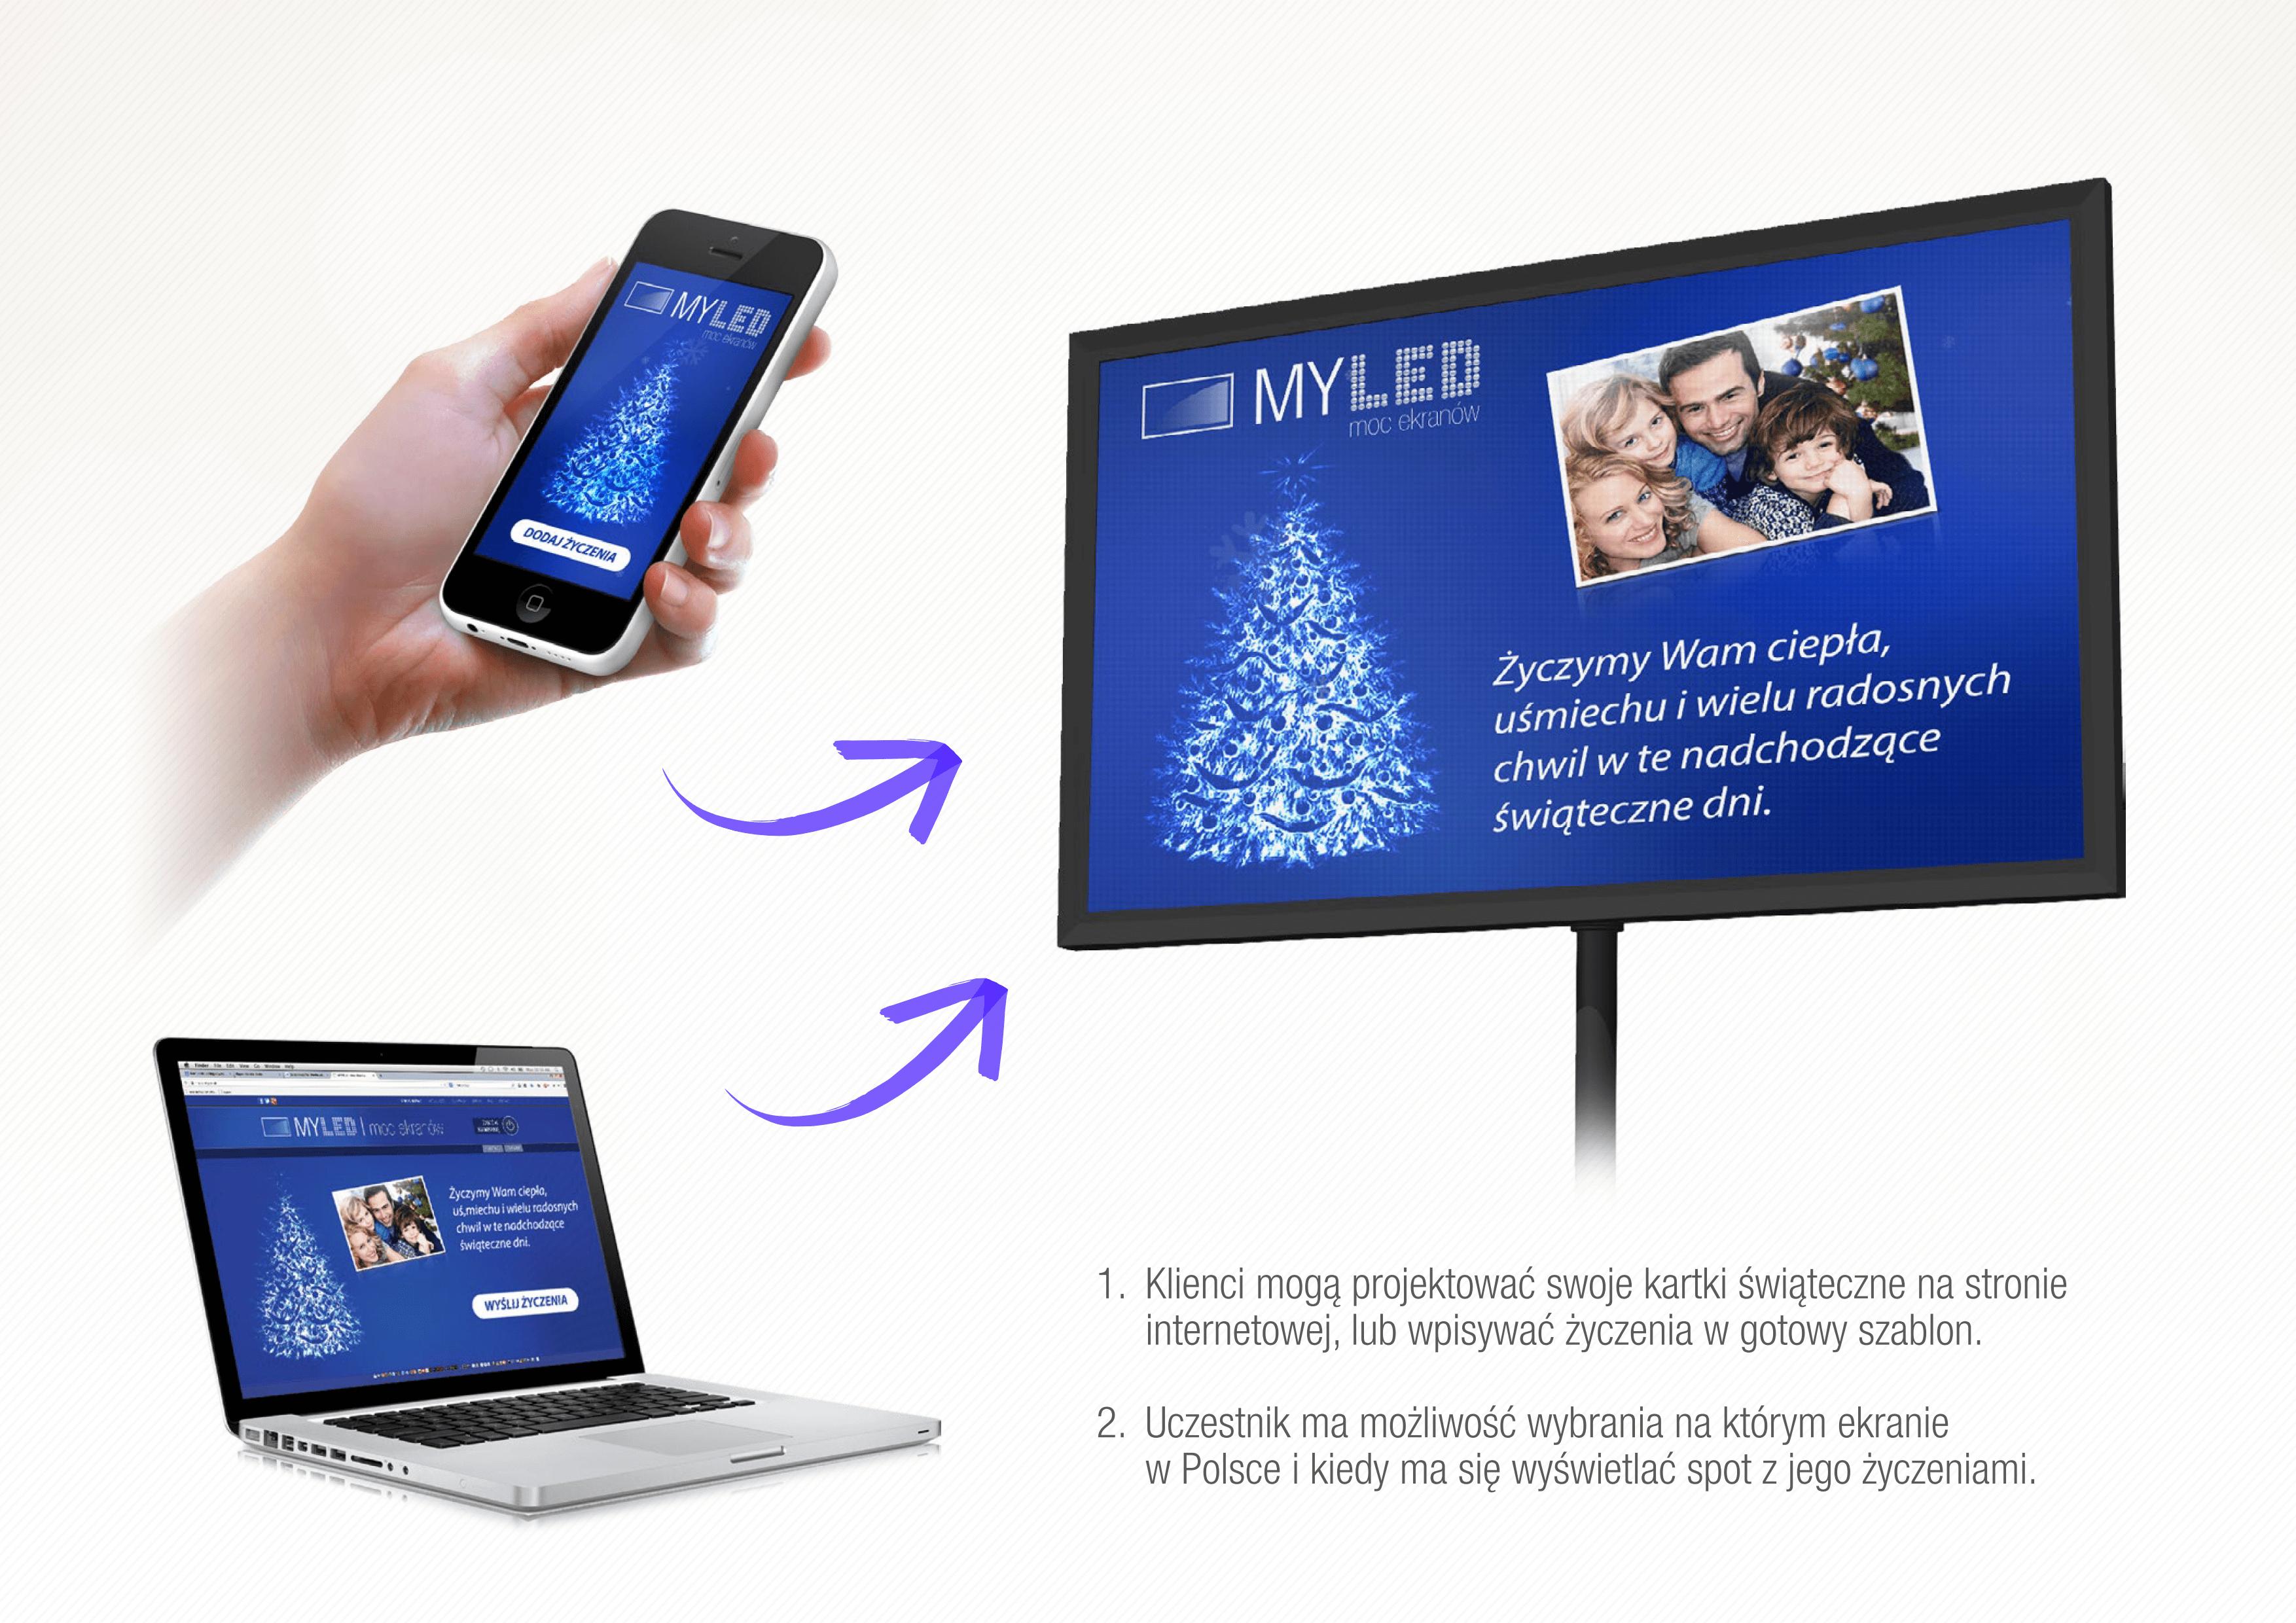 Kampanie świąteczne korzystające z integracji nośników LED zaproponowała w tym roku agencja MyLed